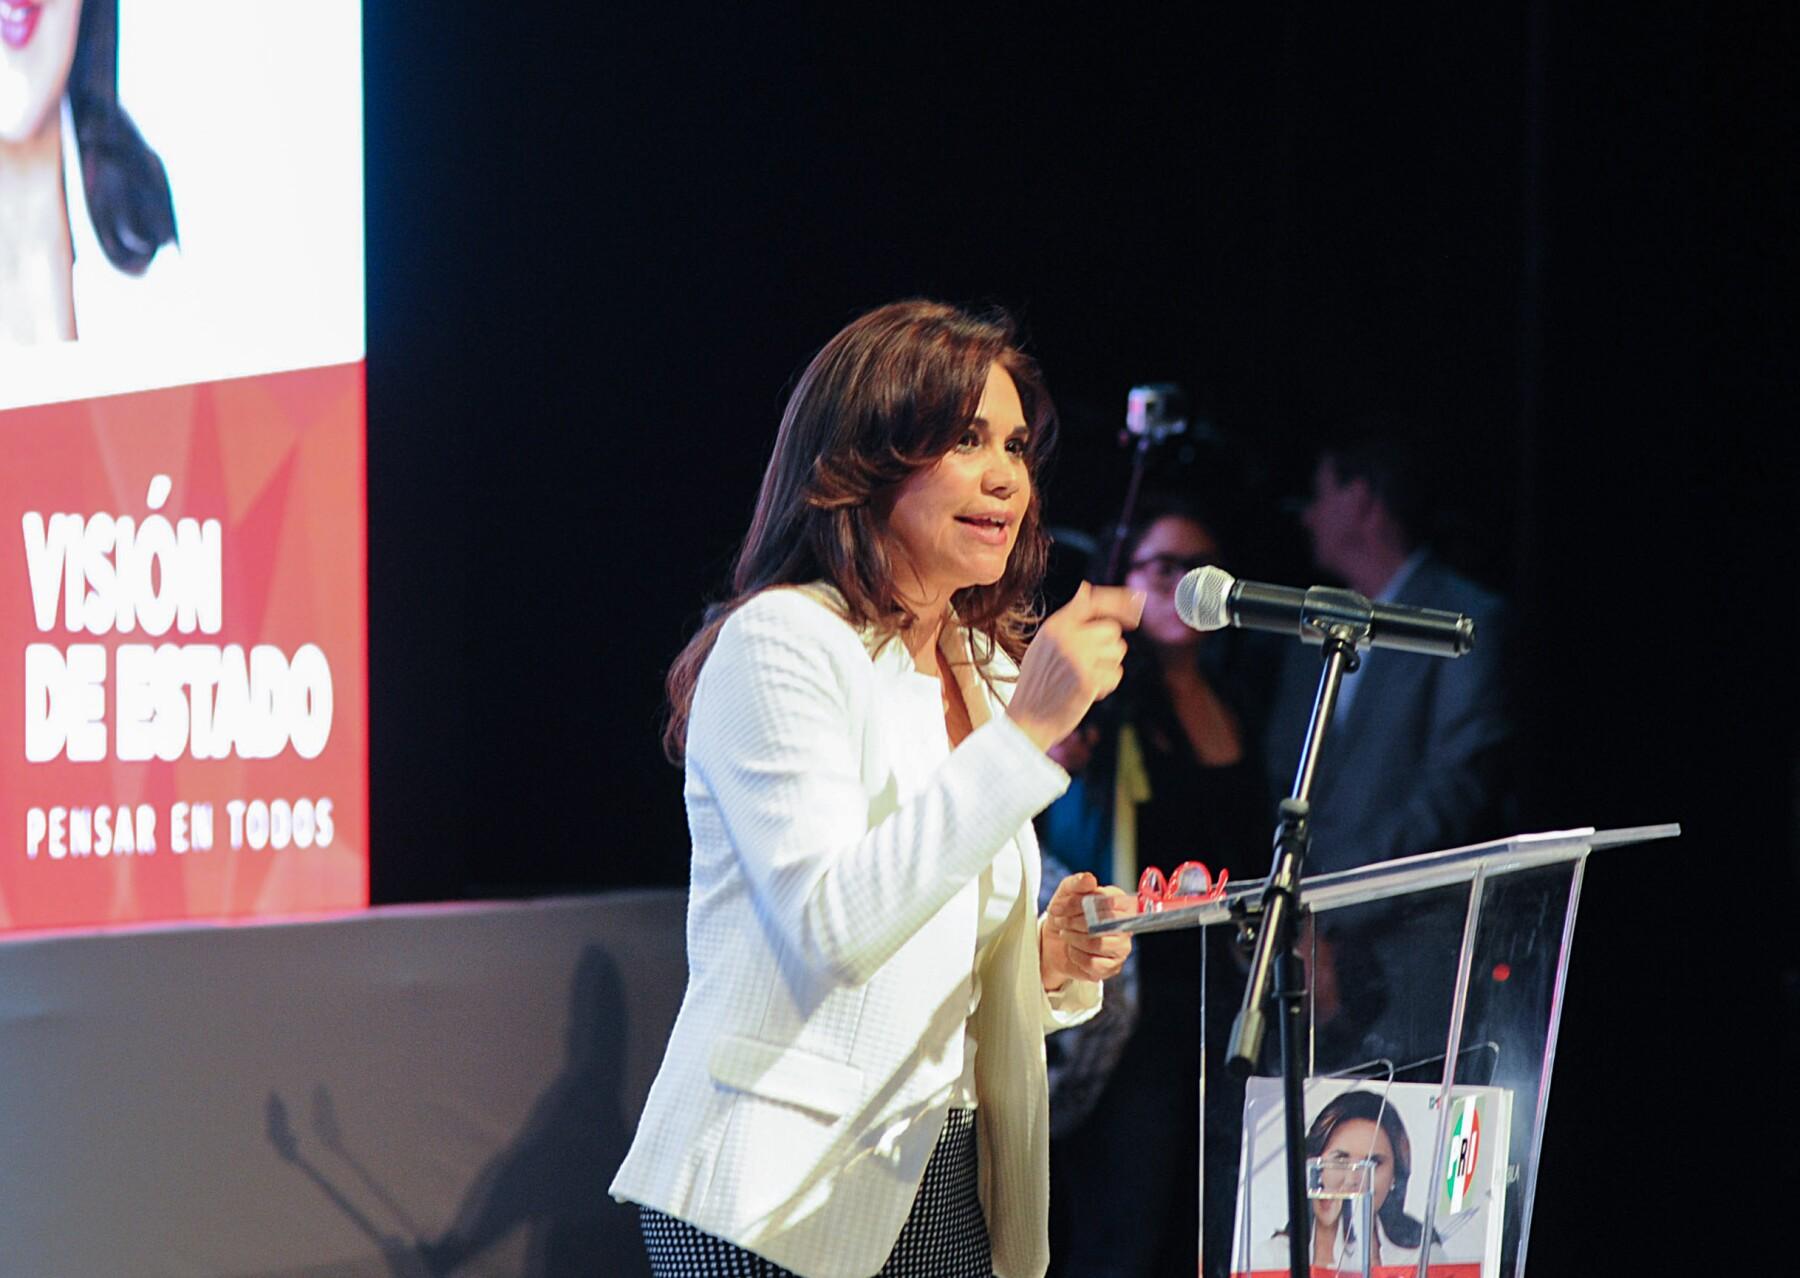 La candidata del PRI a gobernadora de Puebla, Blanca Alcalá, destaca entre sus prioridades los problemas de inseguridad.